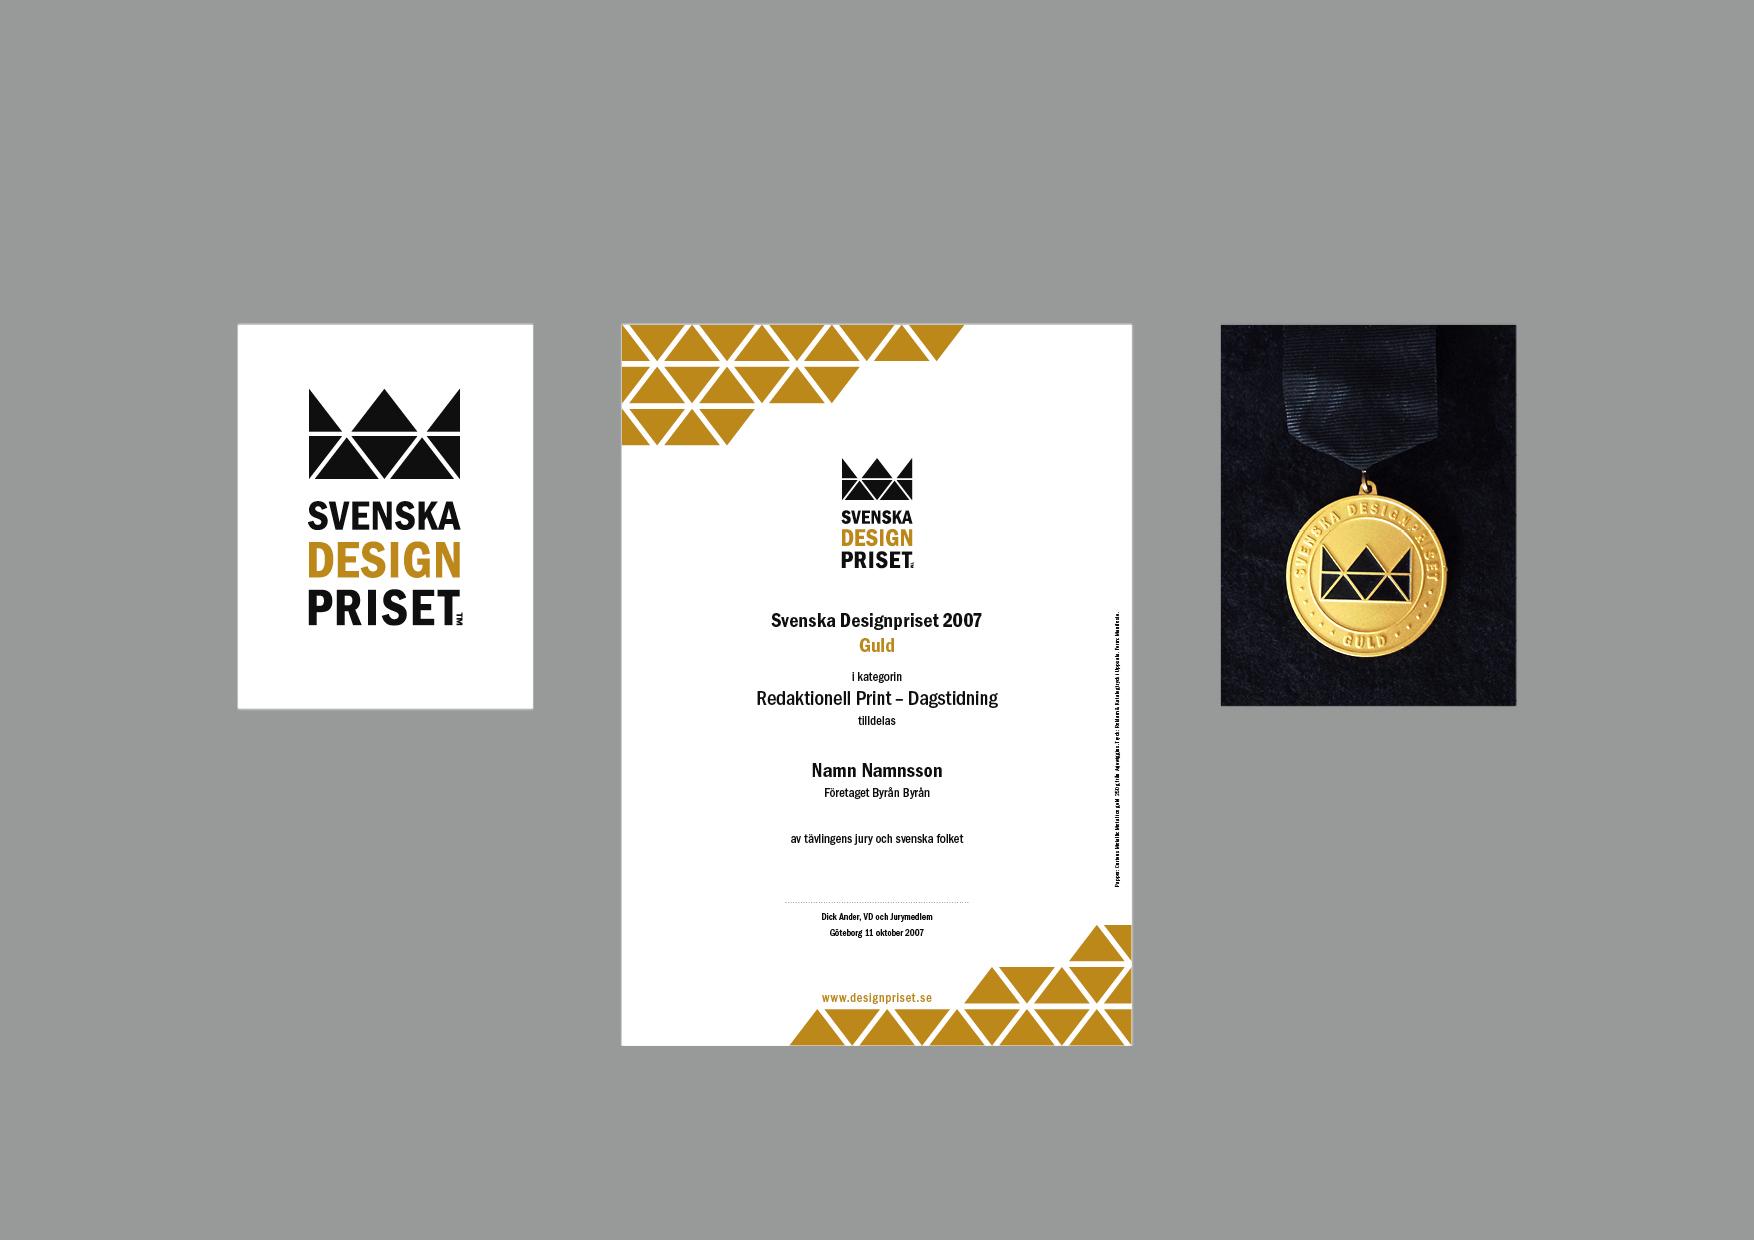 Bild på logotyp, diplom och guldmedalj för Svenska Designpriset